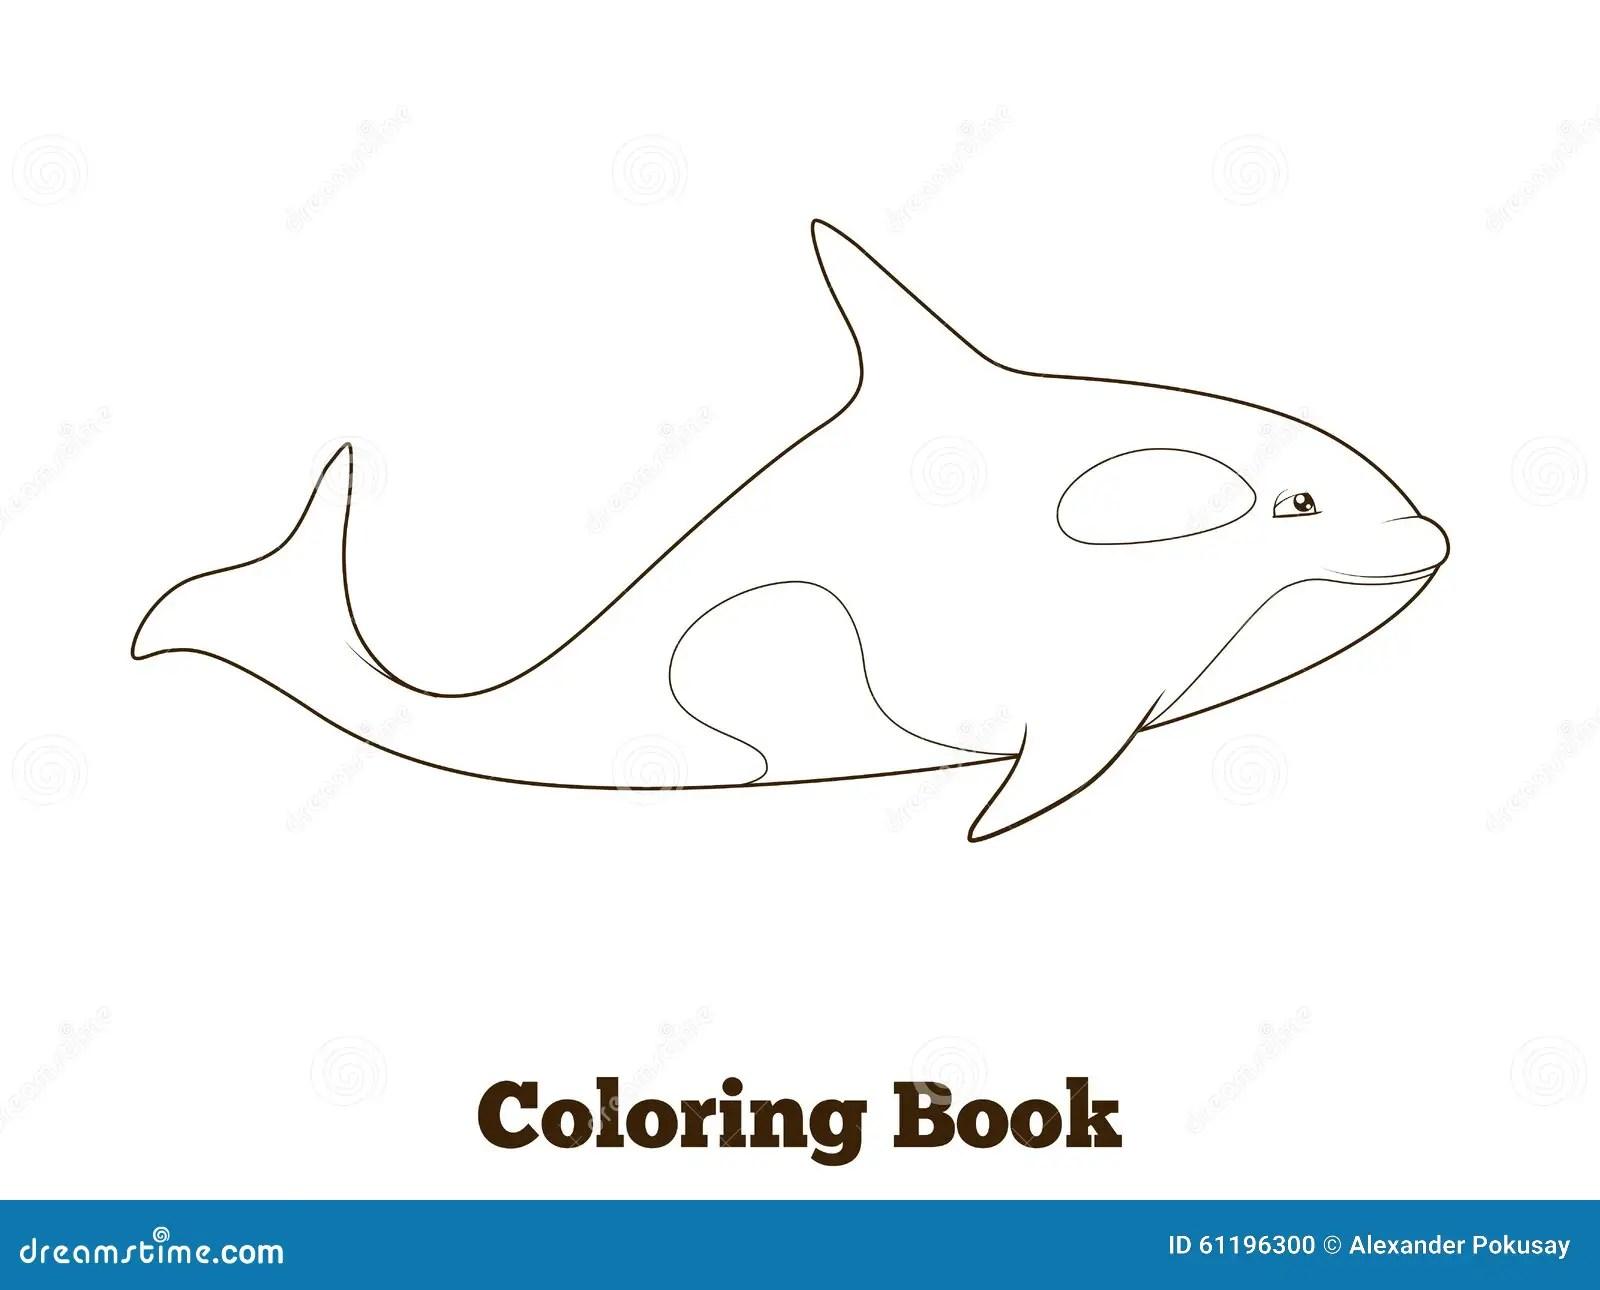 Whale Orca Cartoon Coloring Book Vector Stock Vector